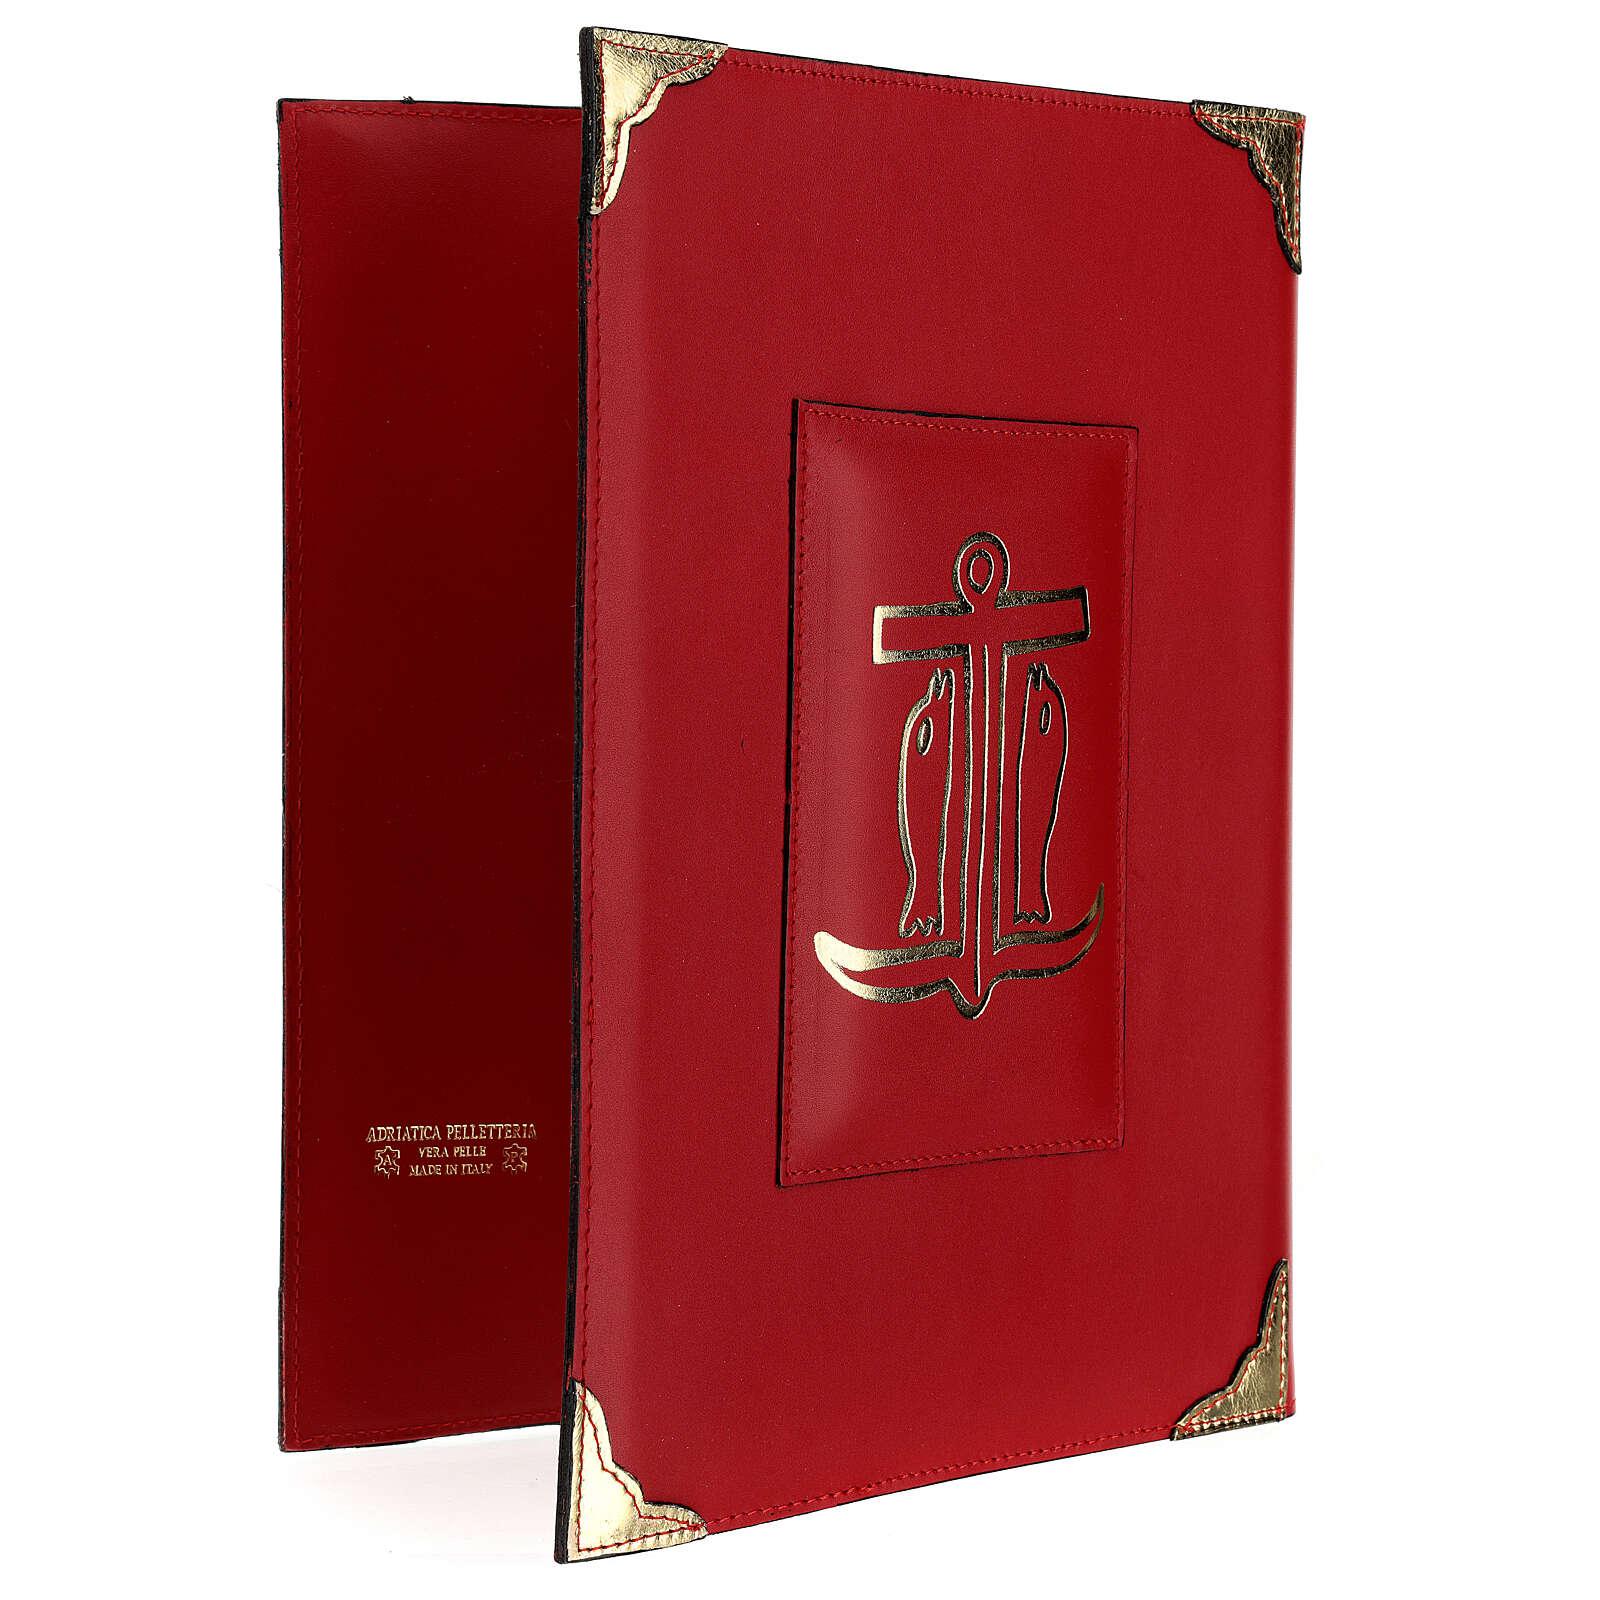 Custodia Messale Romano III EDIZIONE pelle rossa 4